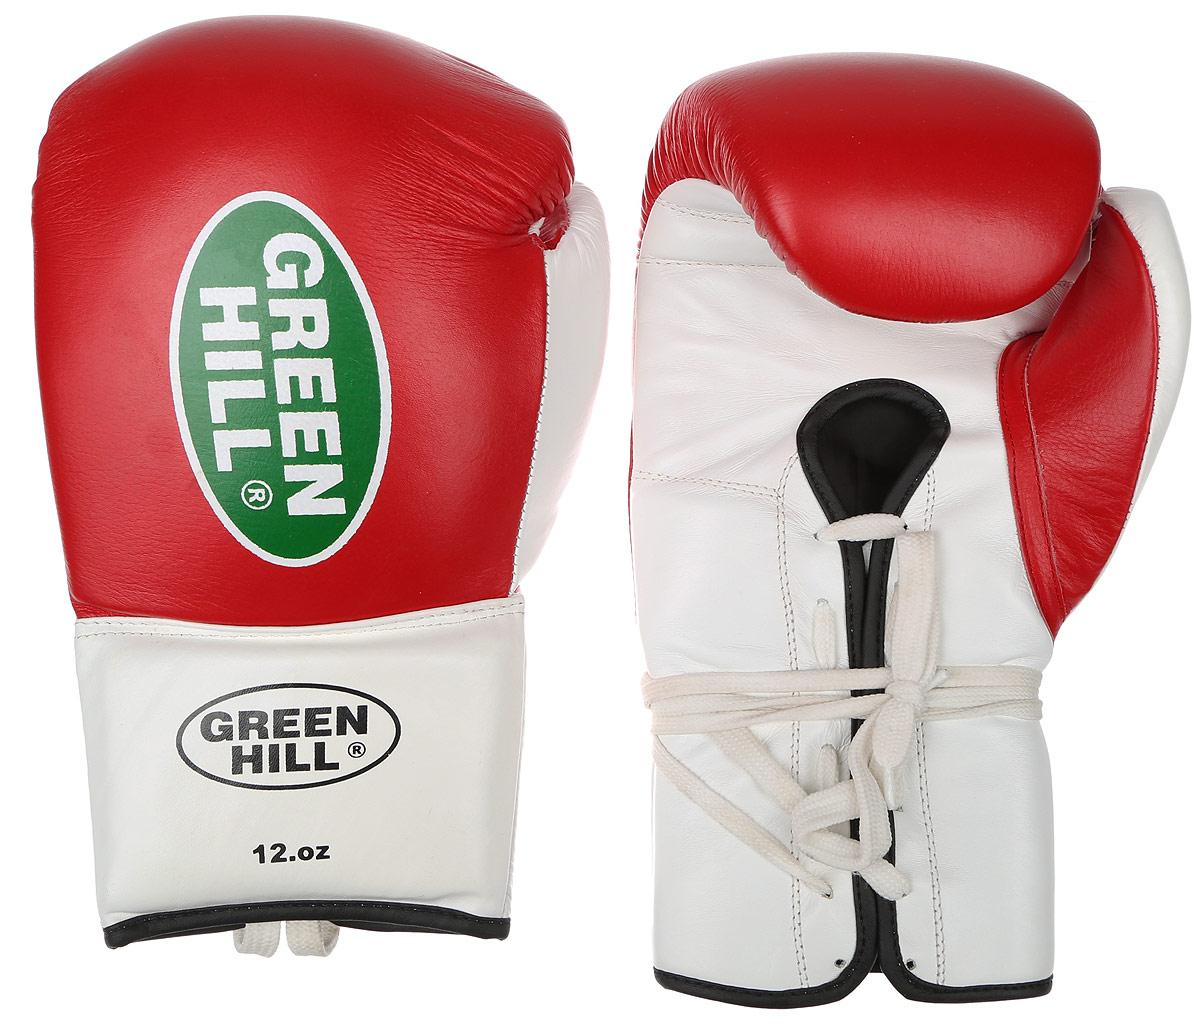 Перчатки боксерские Green Hill Proffi, цвет: красный, белый. Вес 12 унций. BGP-2014BGT-2010аБоксерские перчатки Green Hill Proffi предназначены для использования профессионалами. Верх выполнен из натуральной кожи, наполнитель - из вспененного полимера. Отверстие в области ладони позволяет создать максимально комфортный терморежим во время занятий. Манжет на шнуровке способствует быстрому и удобному надеванию перчаток, плотно фиксирует перчатки на руке.